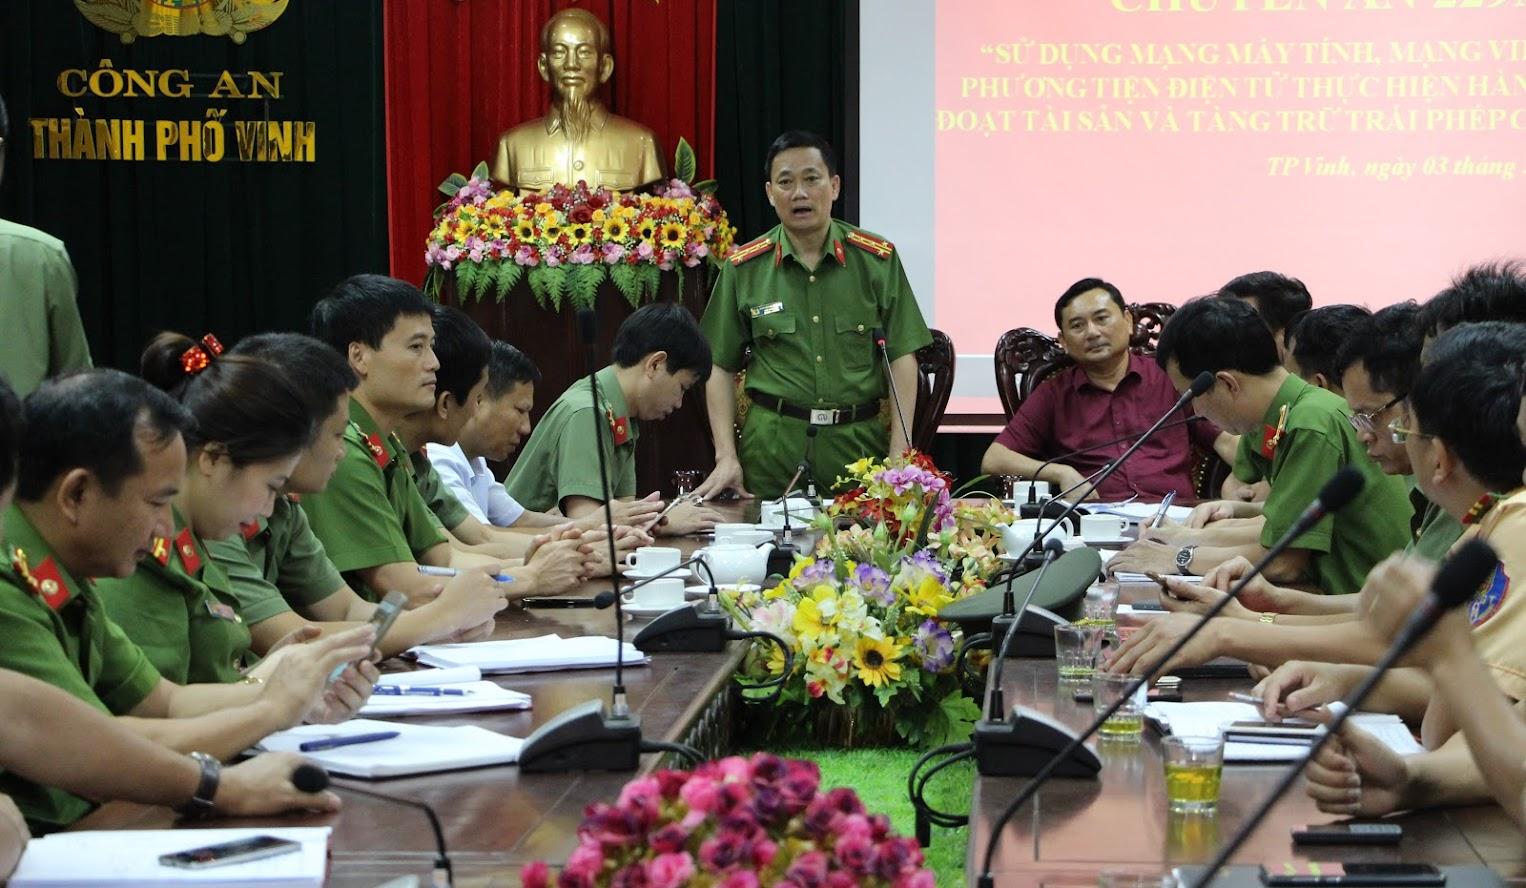 Đồng chí Đại tá Nguyễn Mạnh Hùng Phó giám đốc Công an tỉnh, Thủ trưởng Cơ quan cảnh sát điều tra phát biểu, chỉ đạo Ban chuyên án